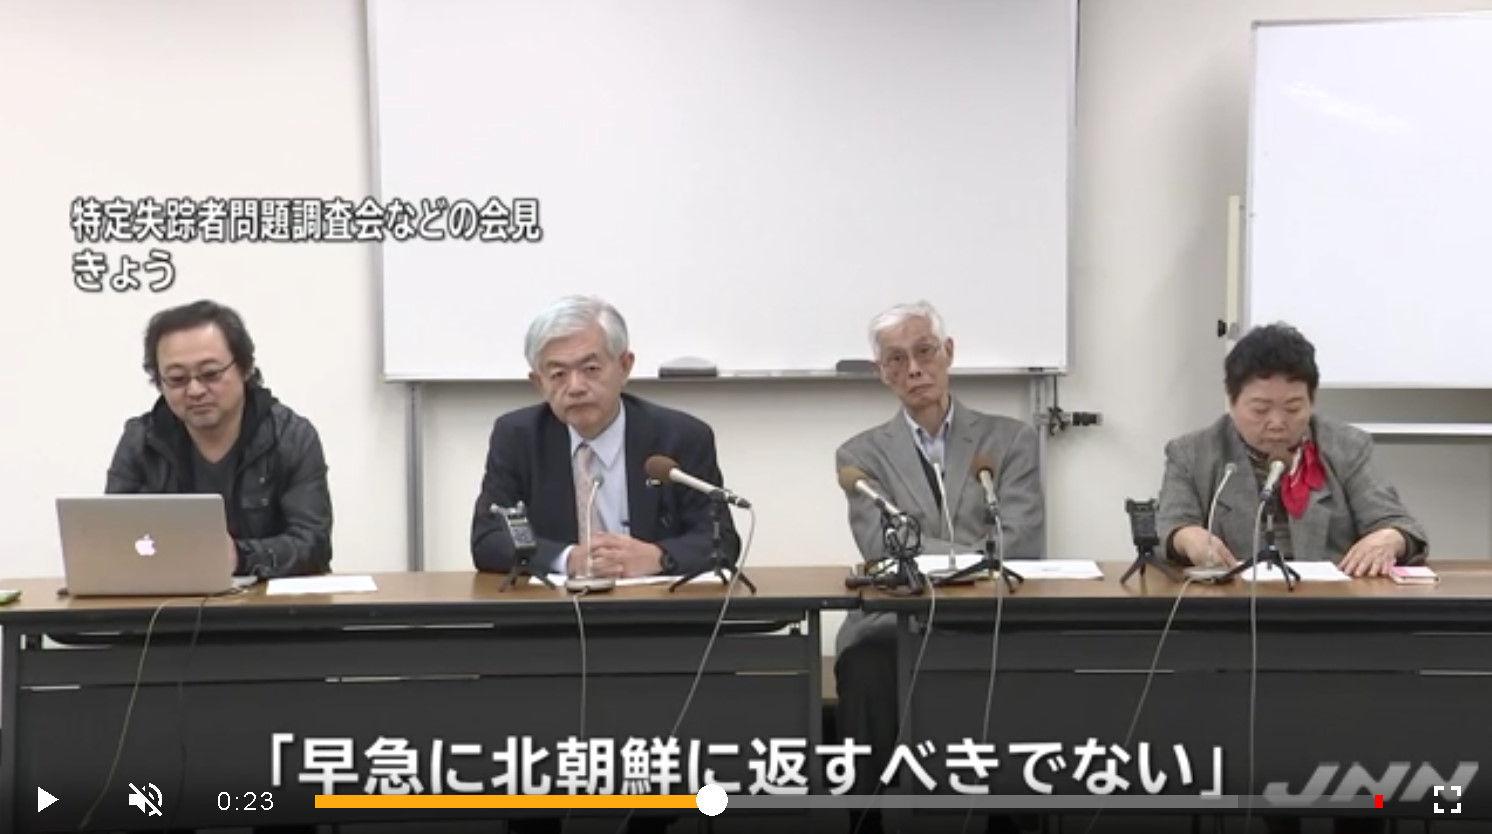 http://livedoor.blogimg.jp/gensen_2ch/imgs/e/6/e644ba19.jpg